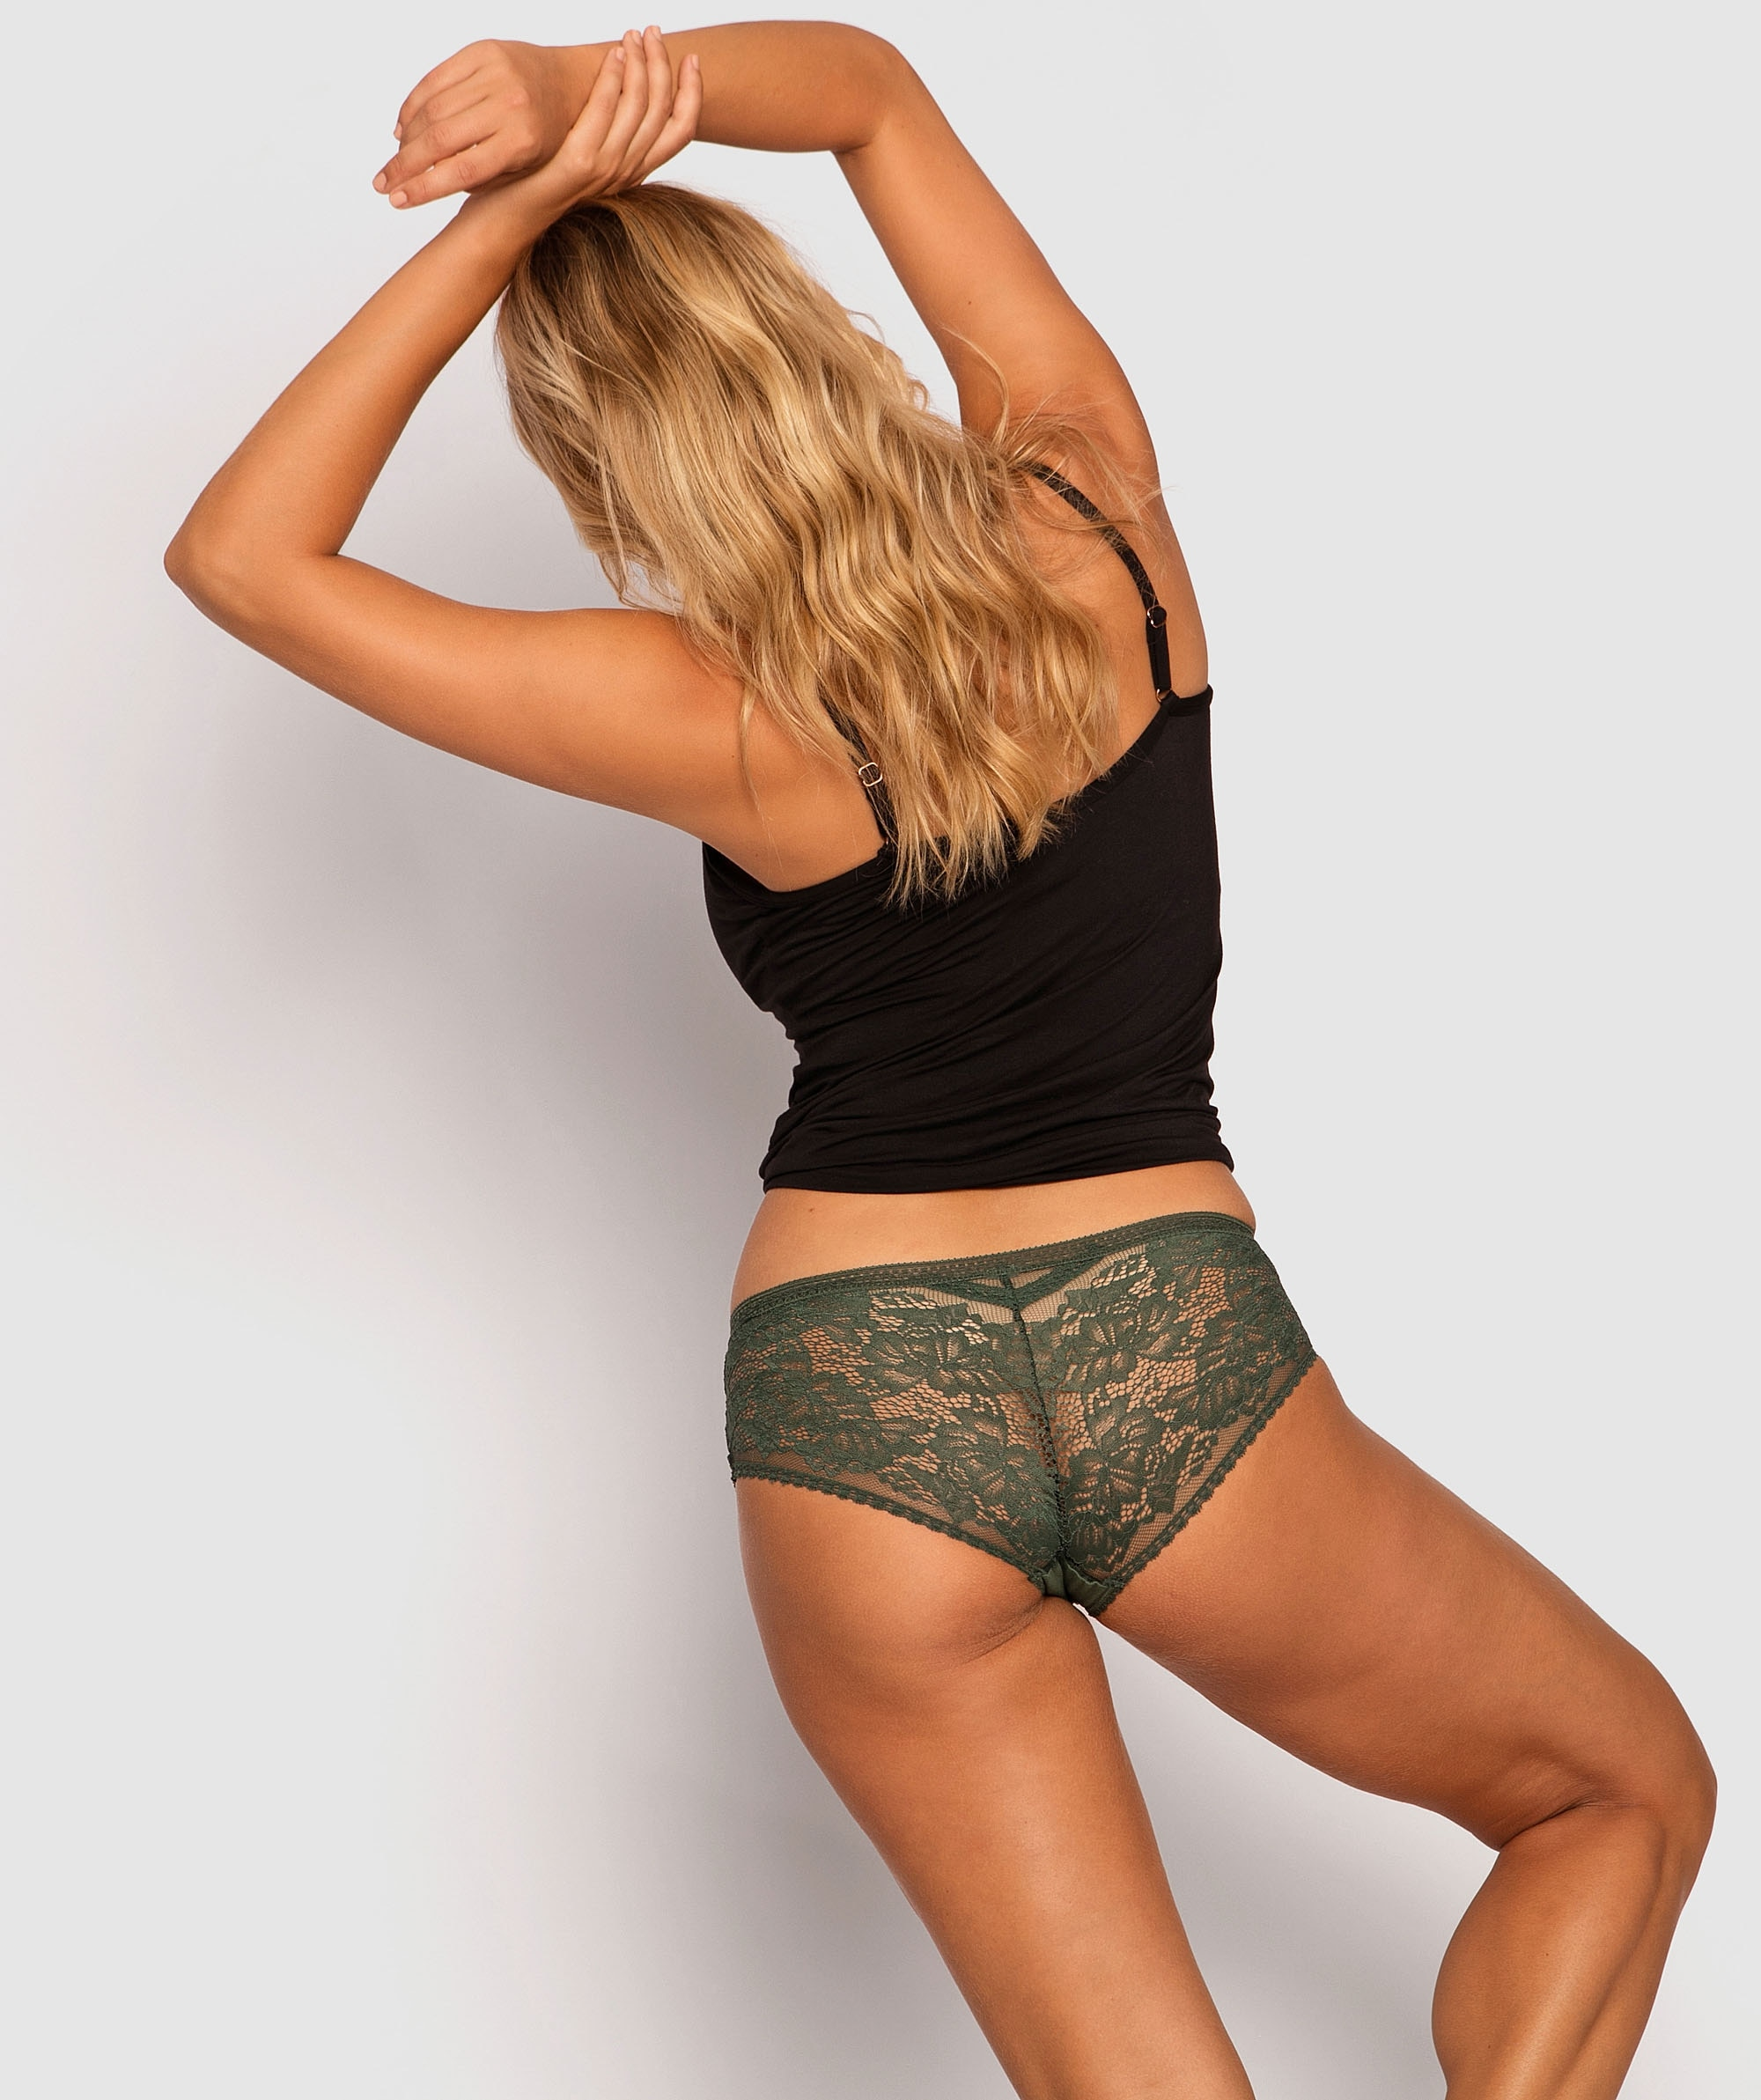 Ember Midi Brief Knicker - Dark Green